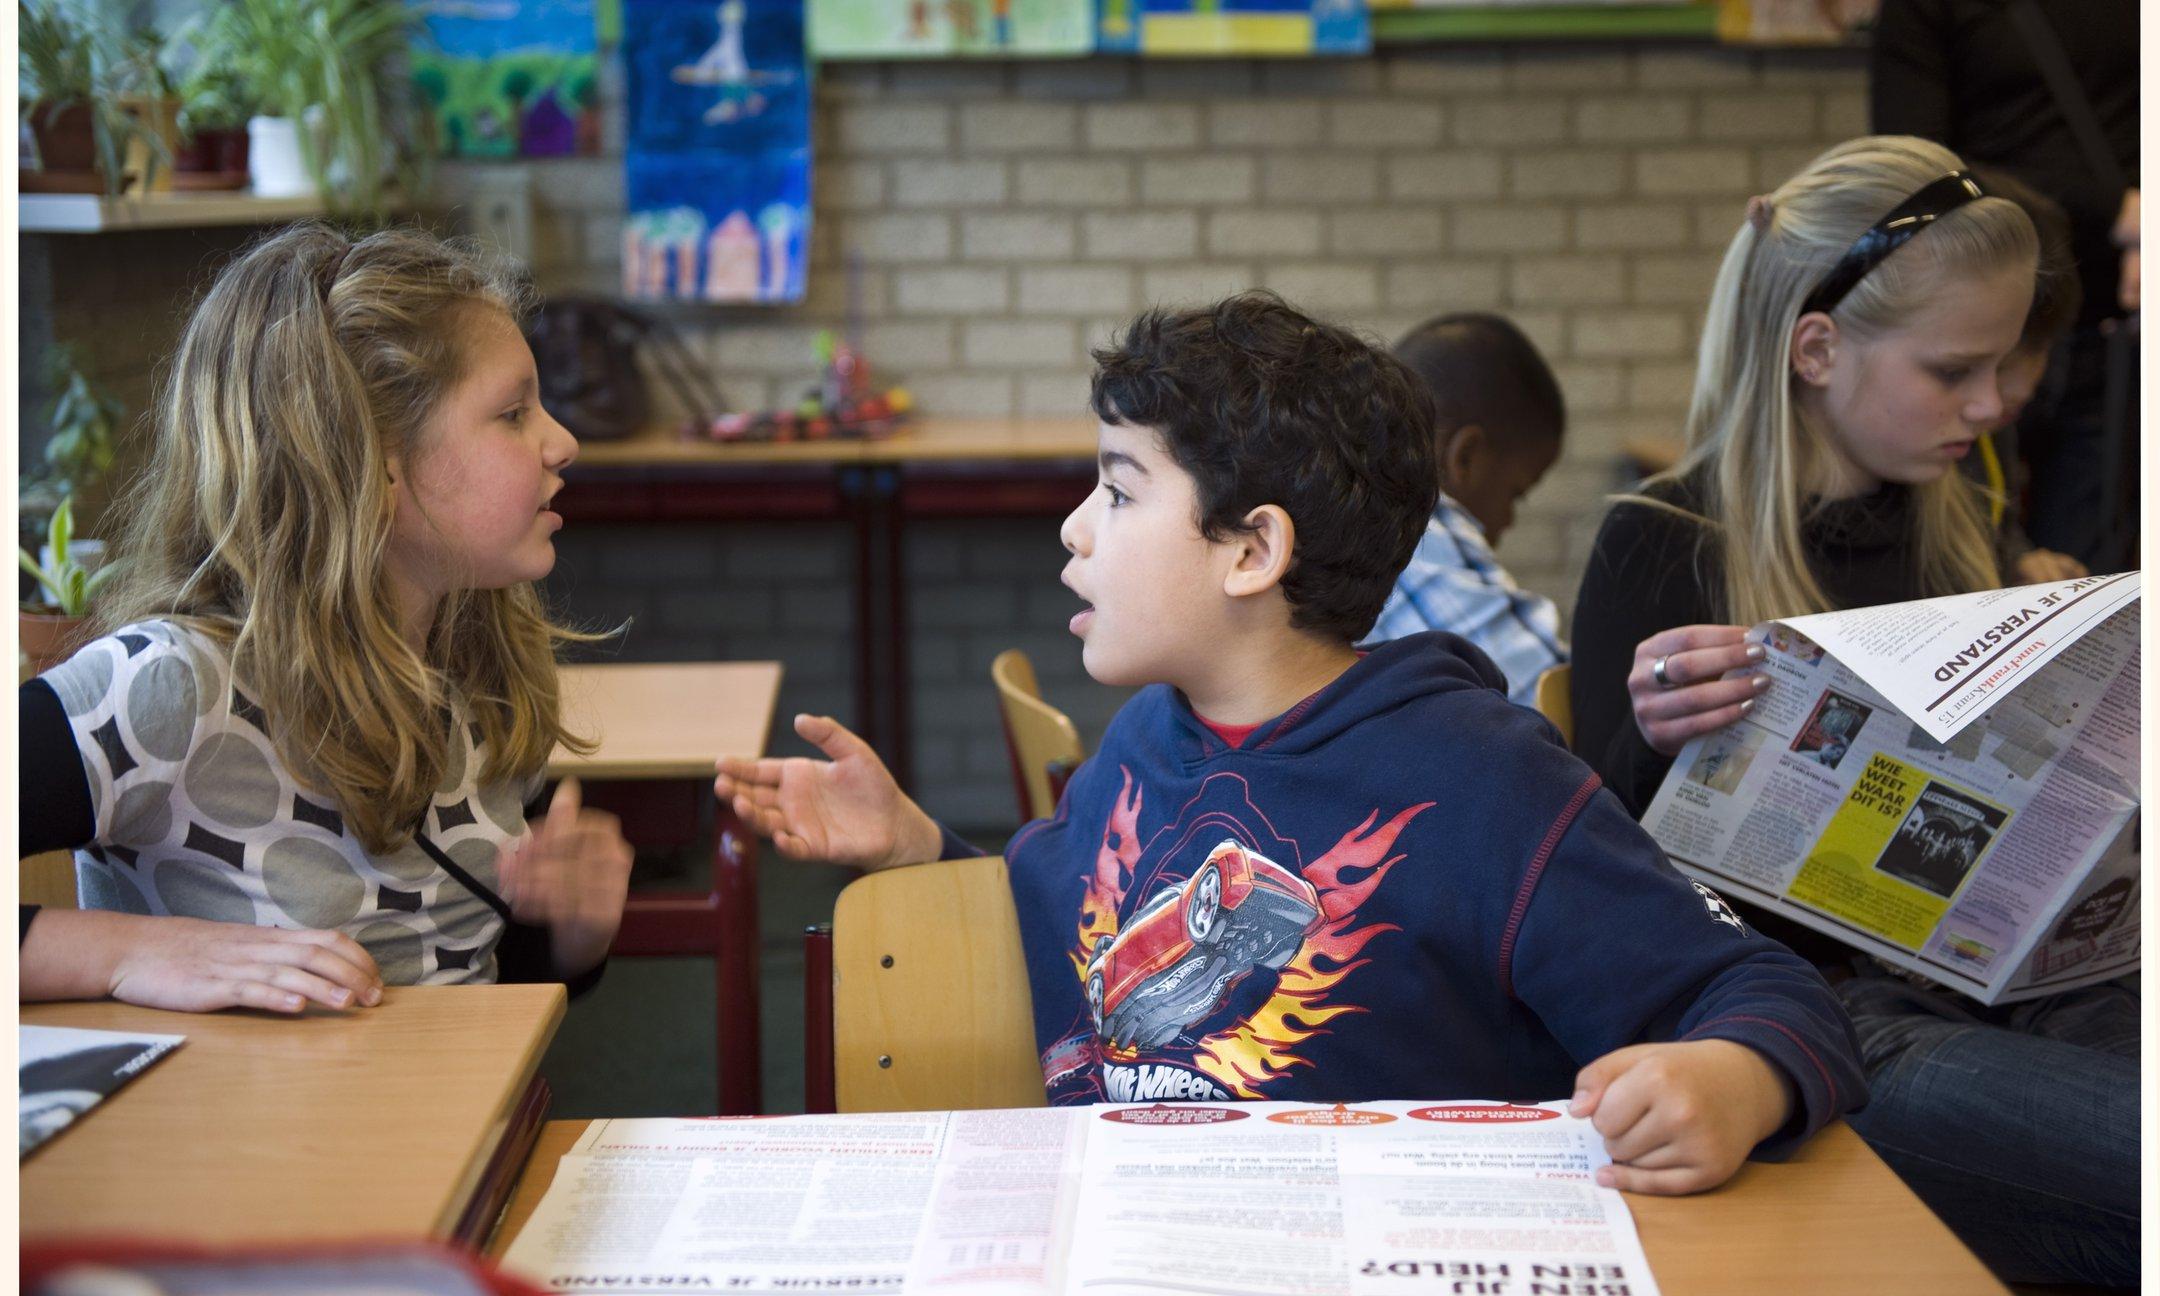 Estudiantes participan activamente en una discusión utilizando el periódico de Ana Frank